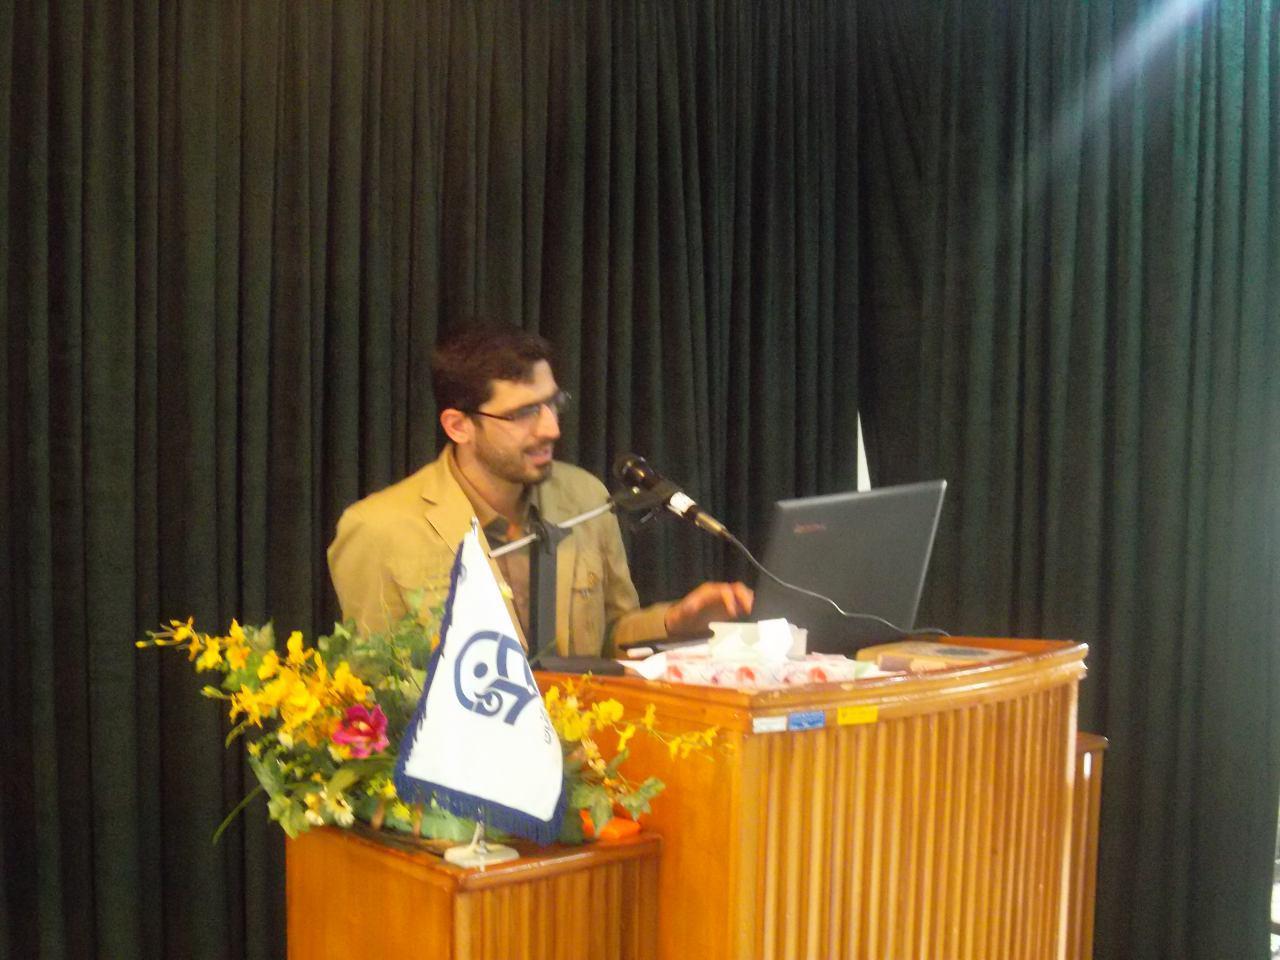 تصویر از مسئول قرارگاه احمدی روشن بسیج دانشجویی: استاد بزرگ فساد اقتصادی کشور، نظام بانکی است